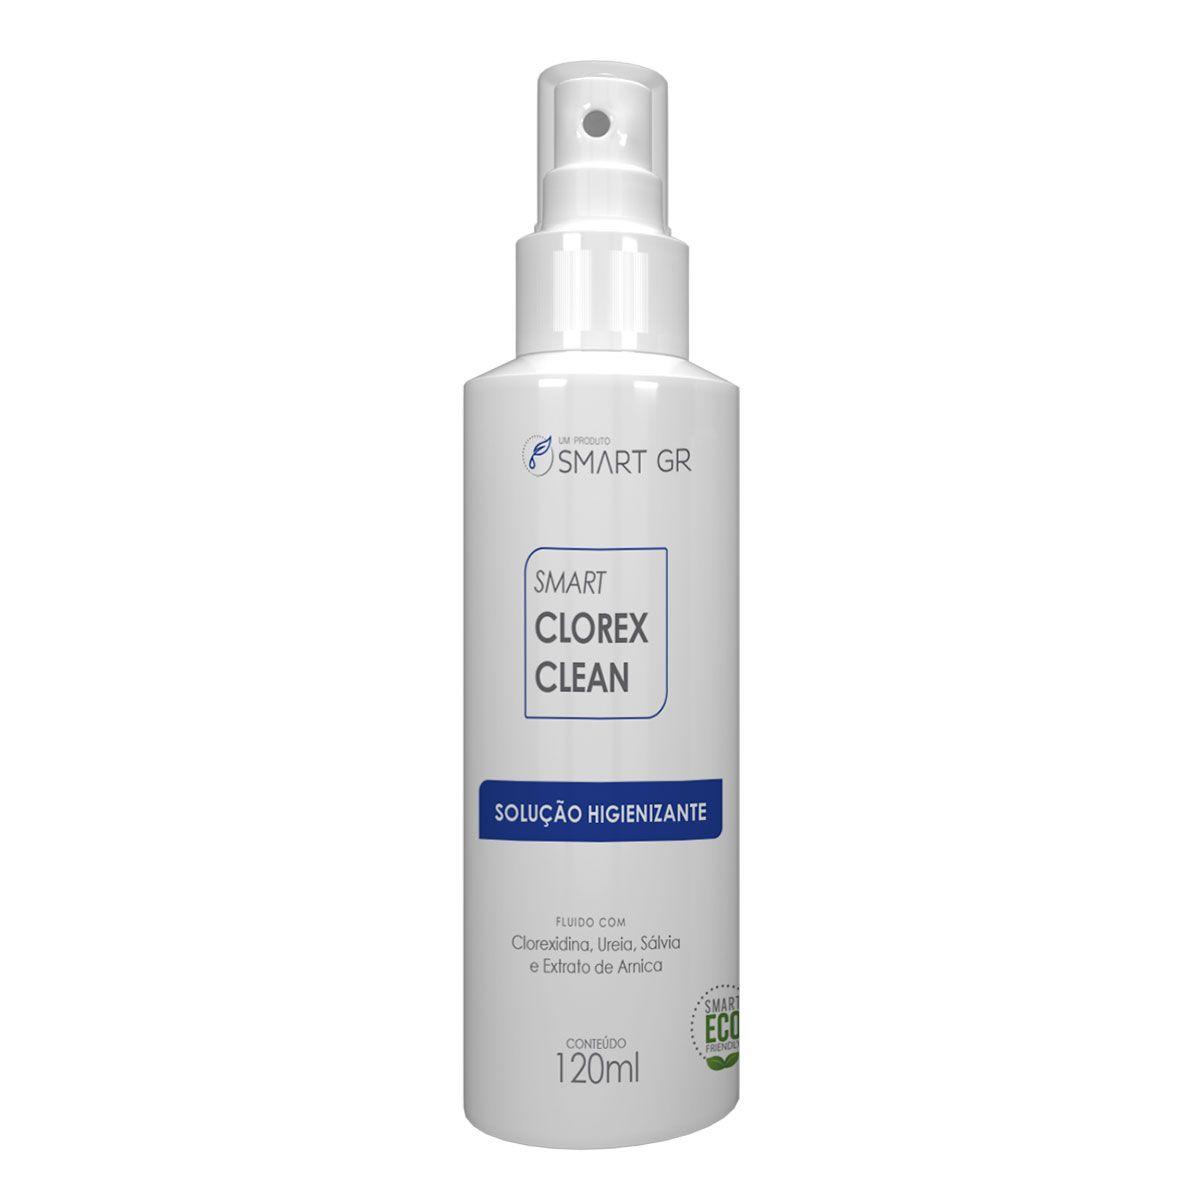 SMART CLOREX CLEAN - SOLUÇÃO HIGIENIZANTE COM CLOREXIDINA - 120 ML